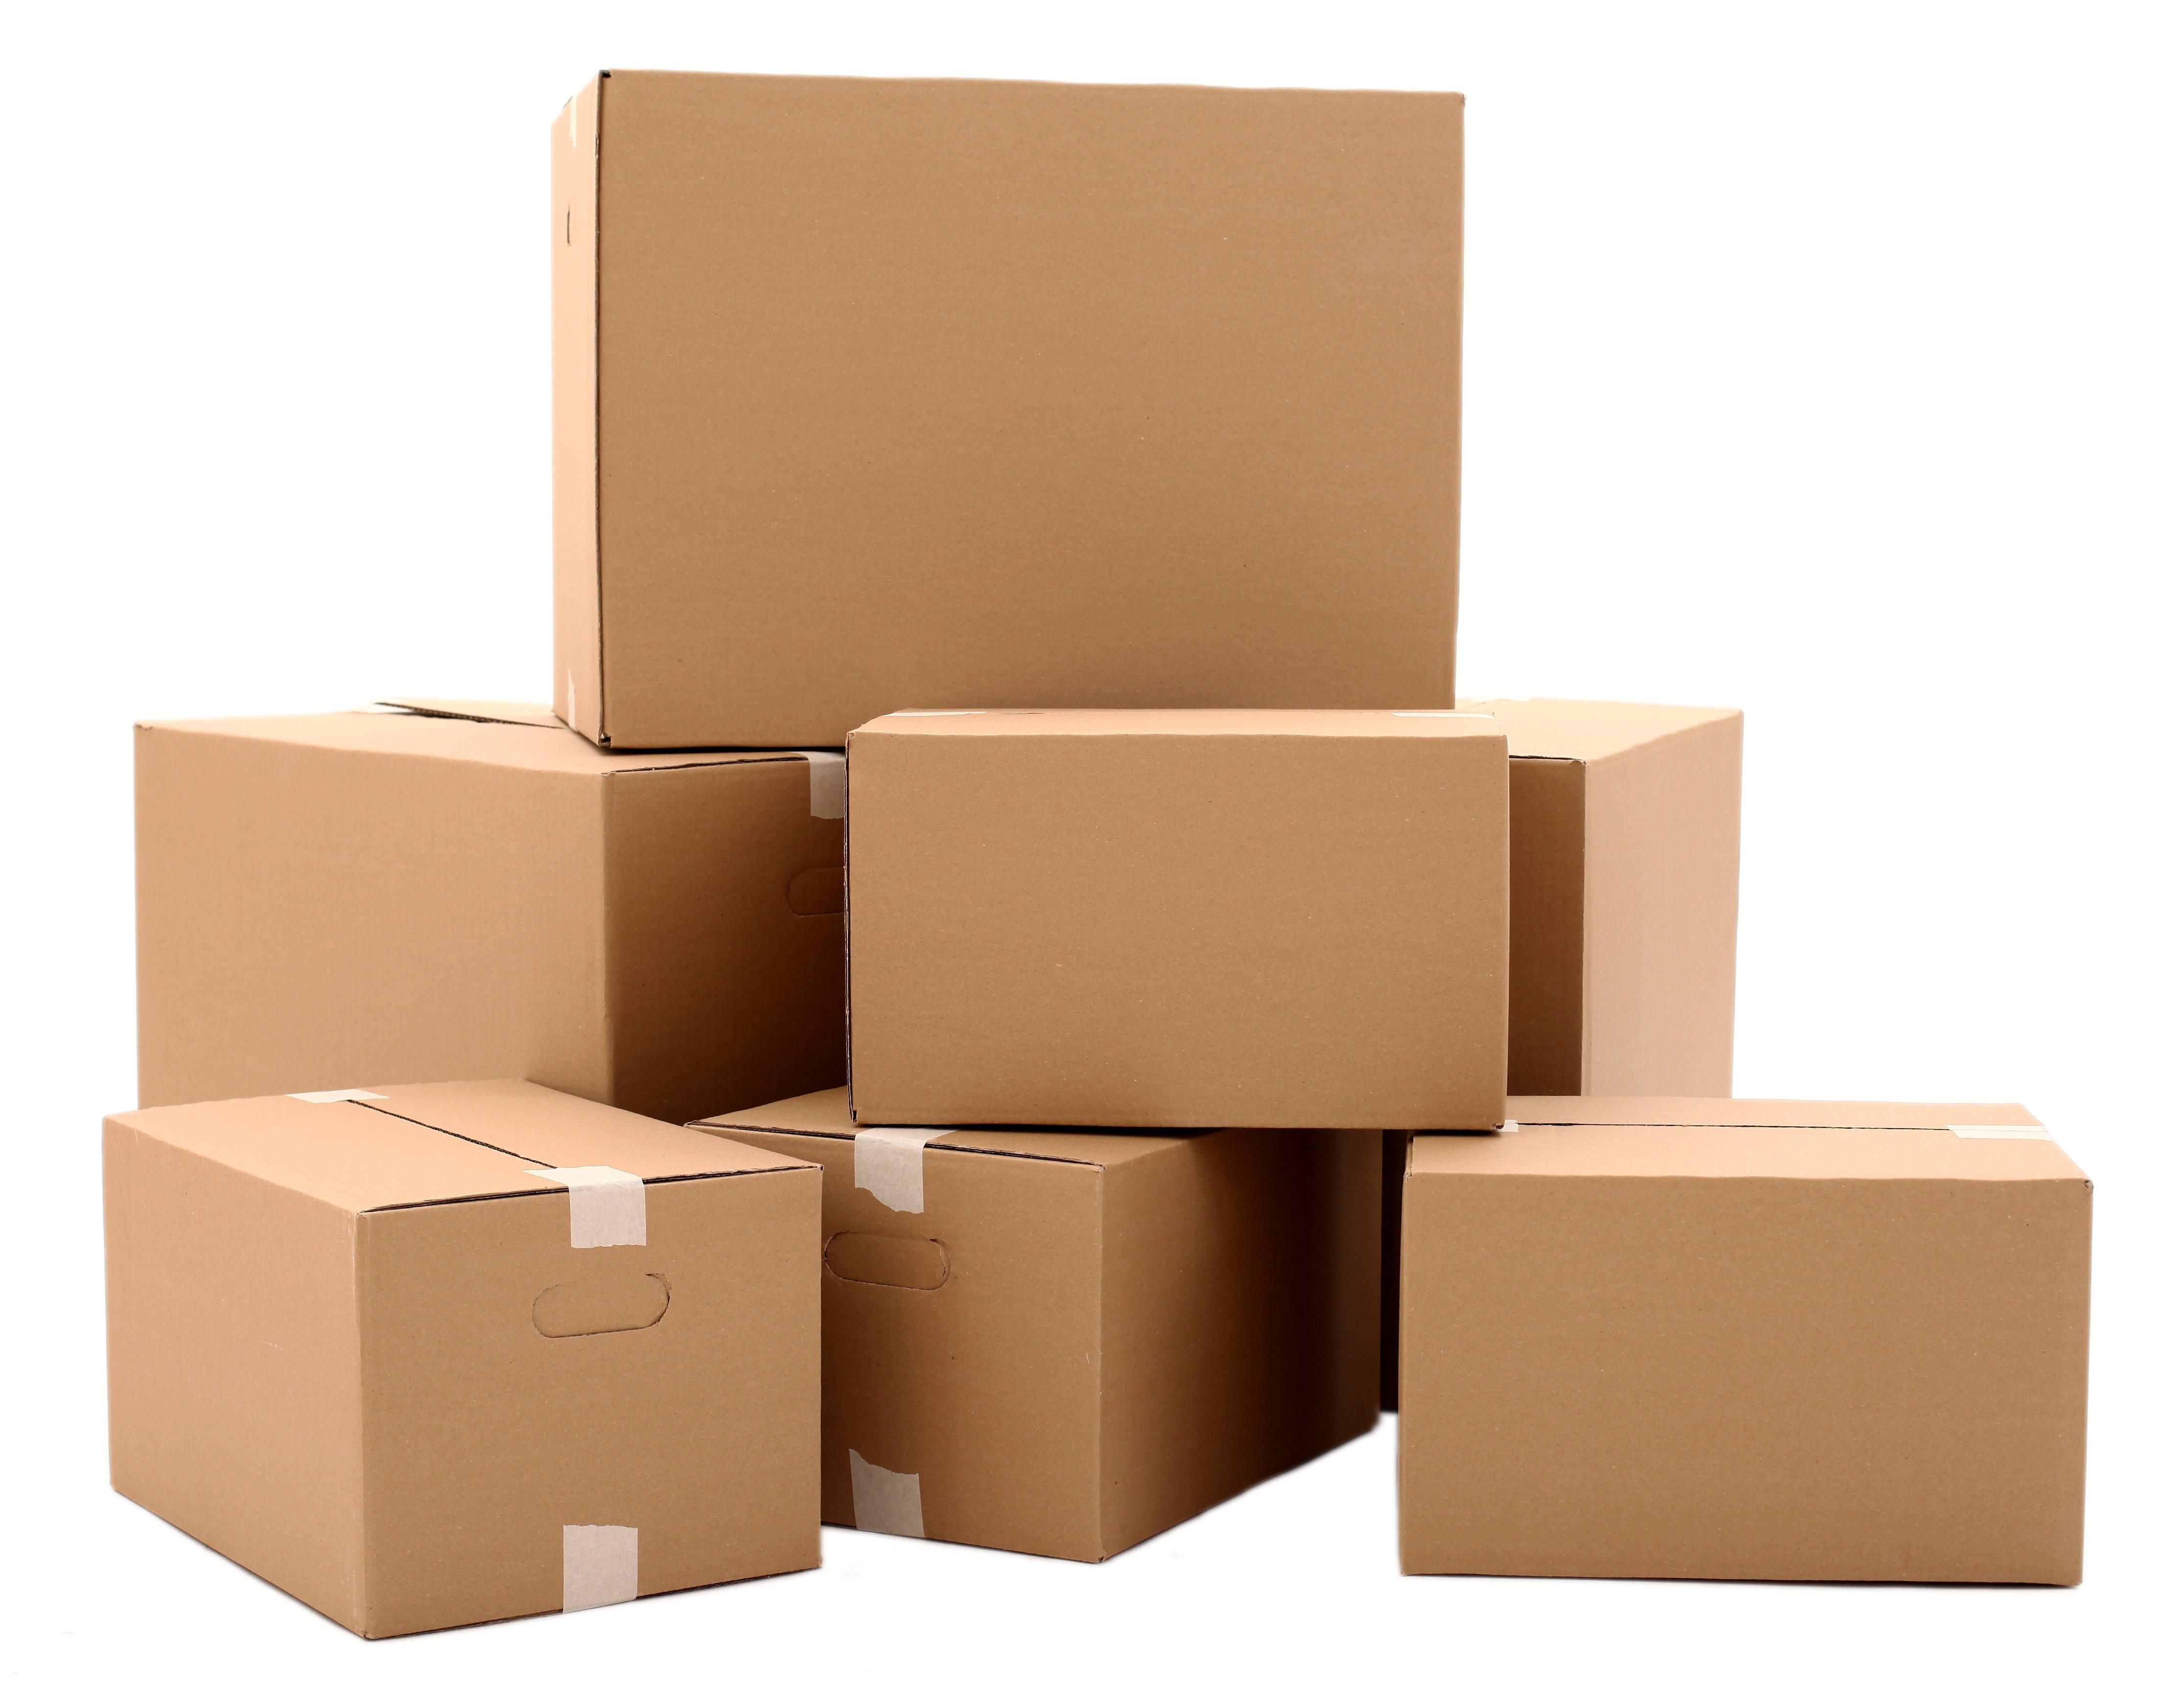 El embalaje, mucho más que un sistema de protección